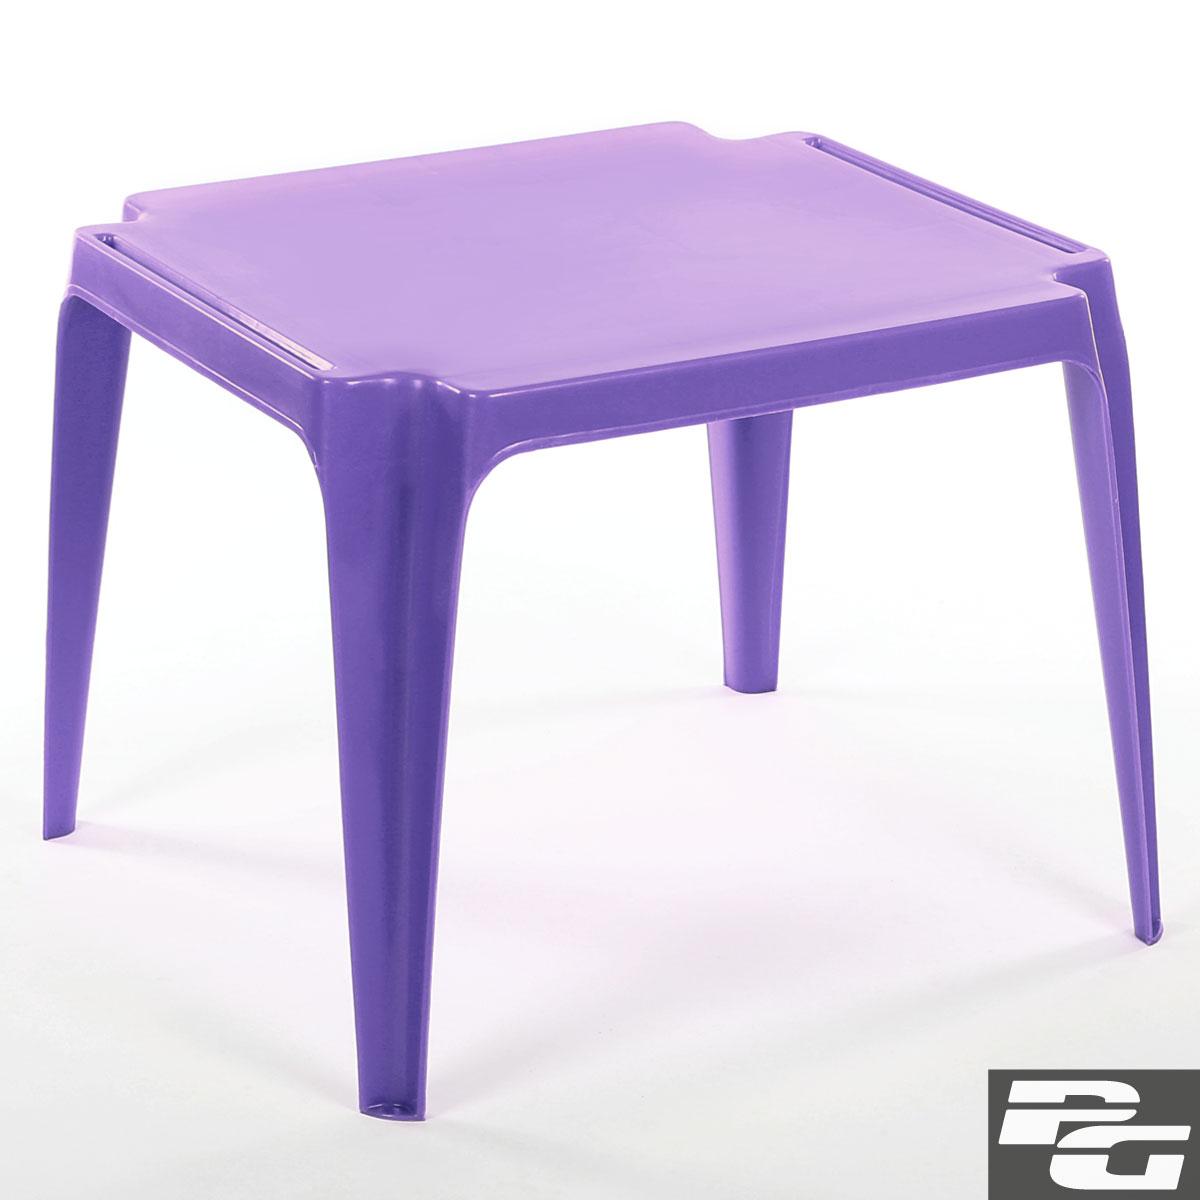 kinderm bel kunststoff kindertisch f r kindersitzgruppe kinderzimmerm bel tisch ebay. Black Bedroom Furniture Sets. Home Design Ideas